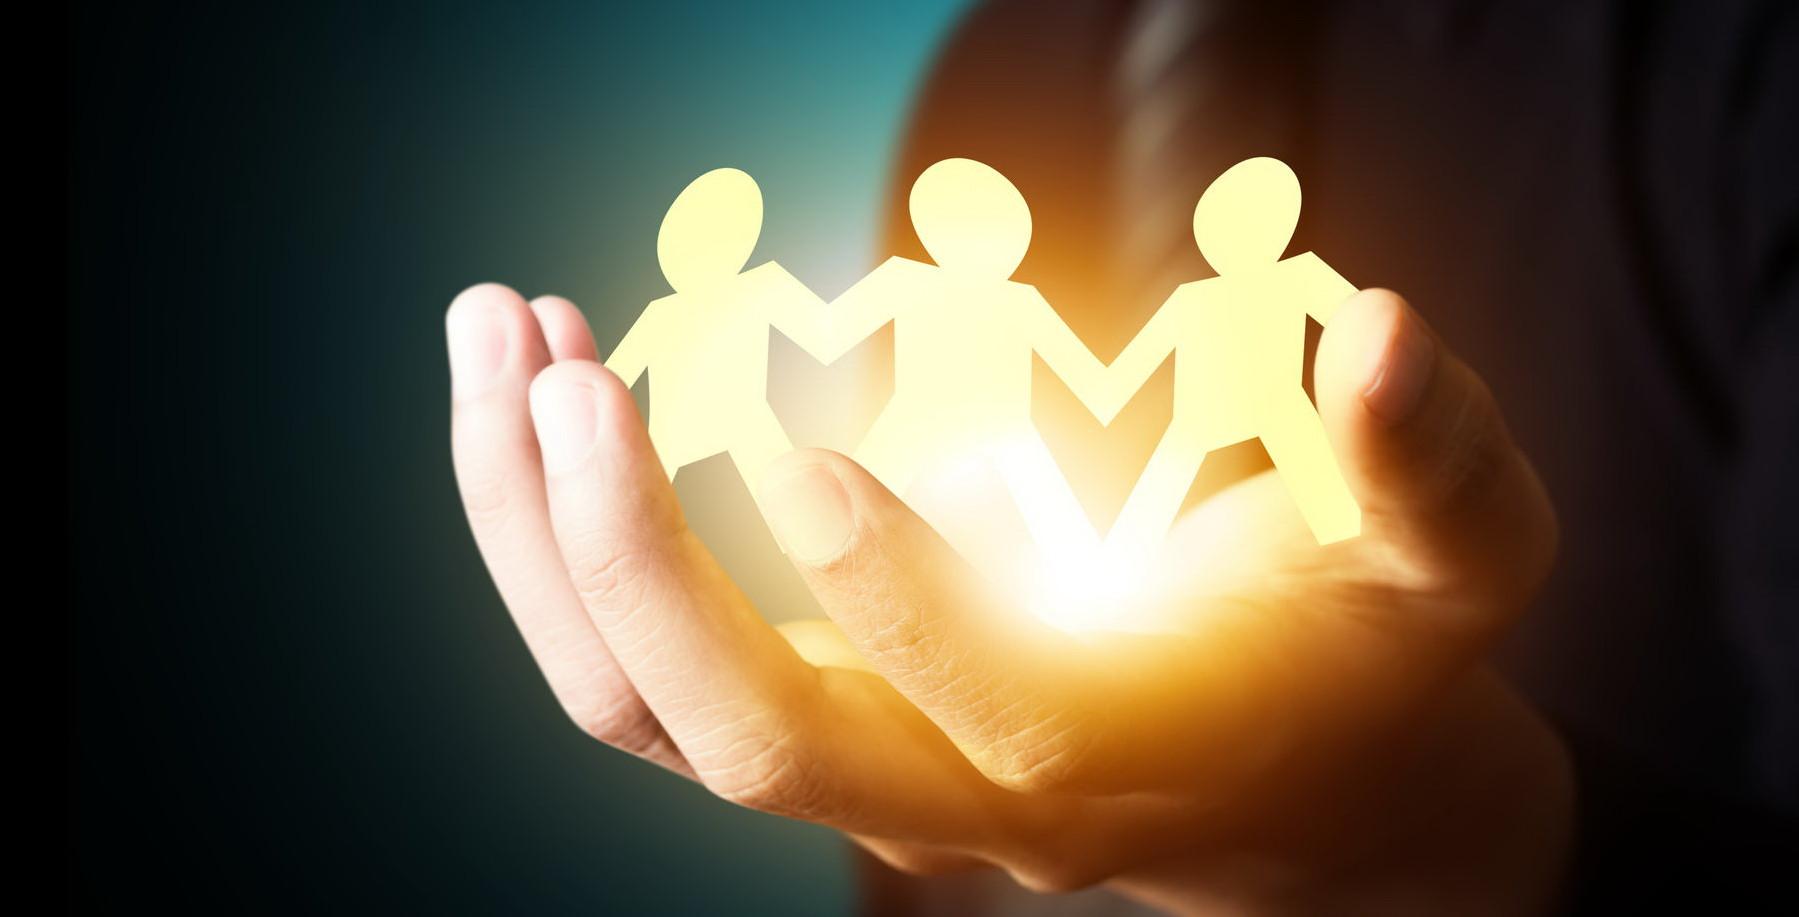 Мифы про малые группы (и истины, чтобы их уравновесить)